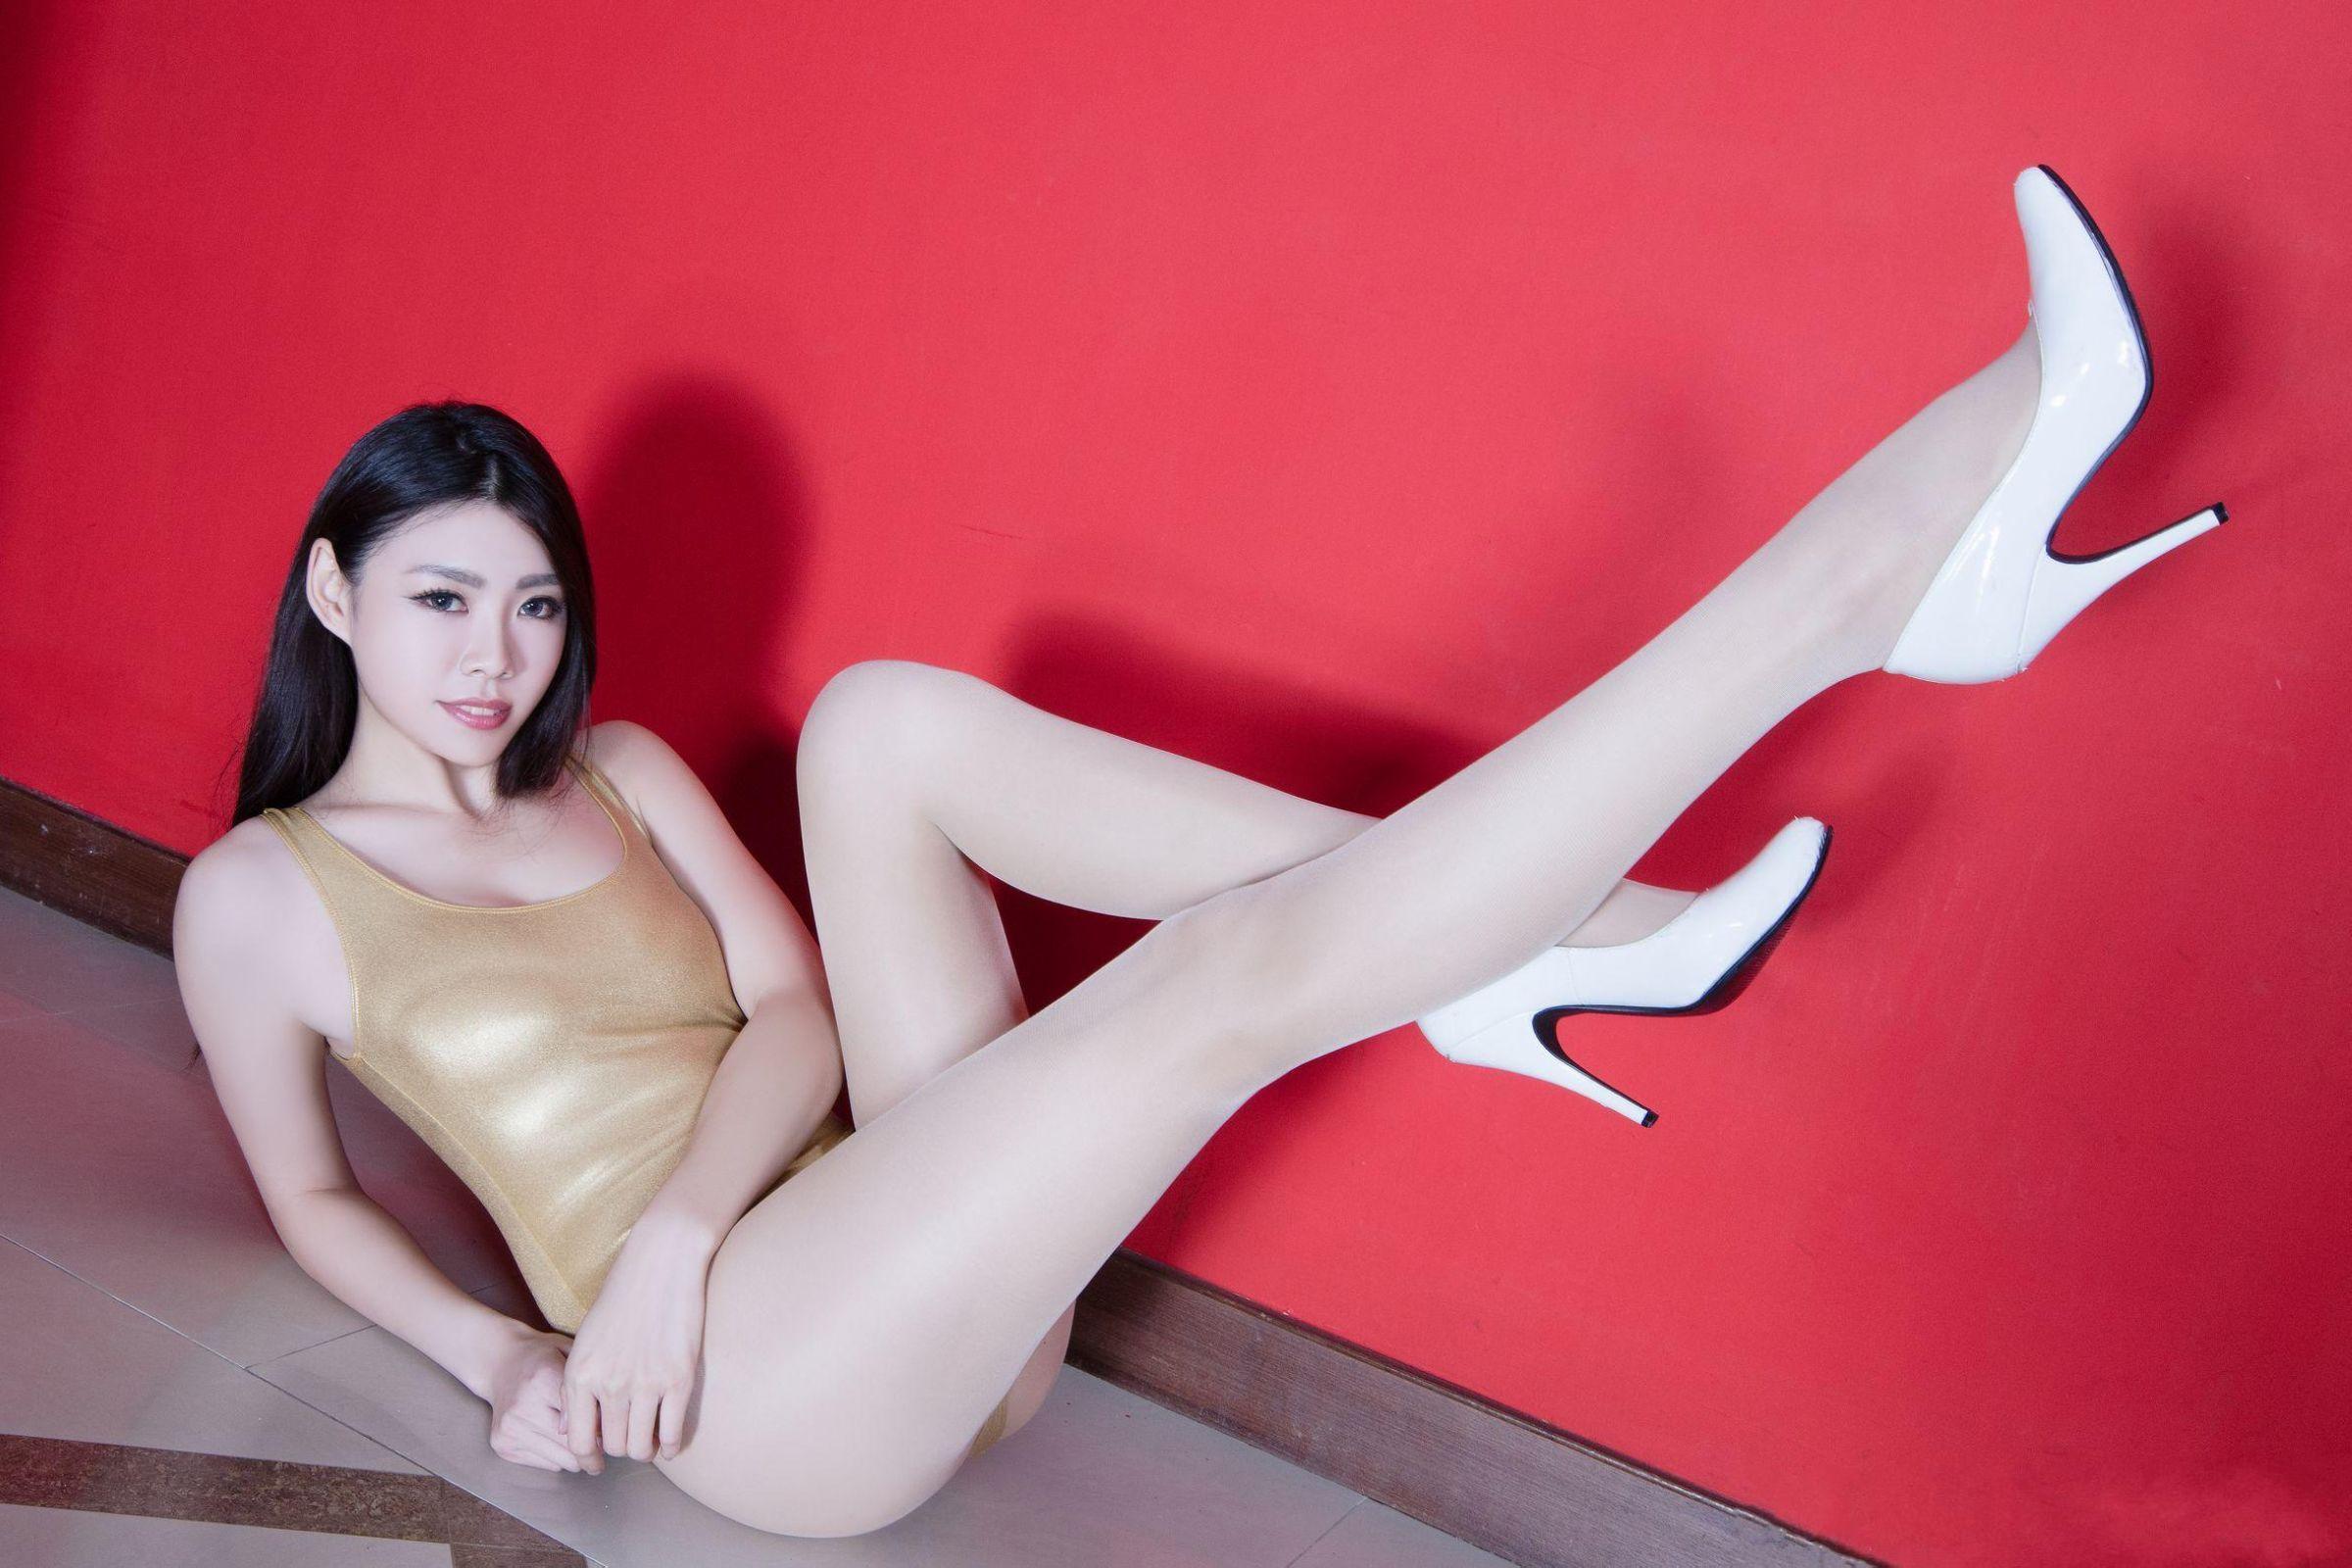 北彩美女美腿秀-Zoey[35P]zH638